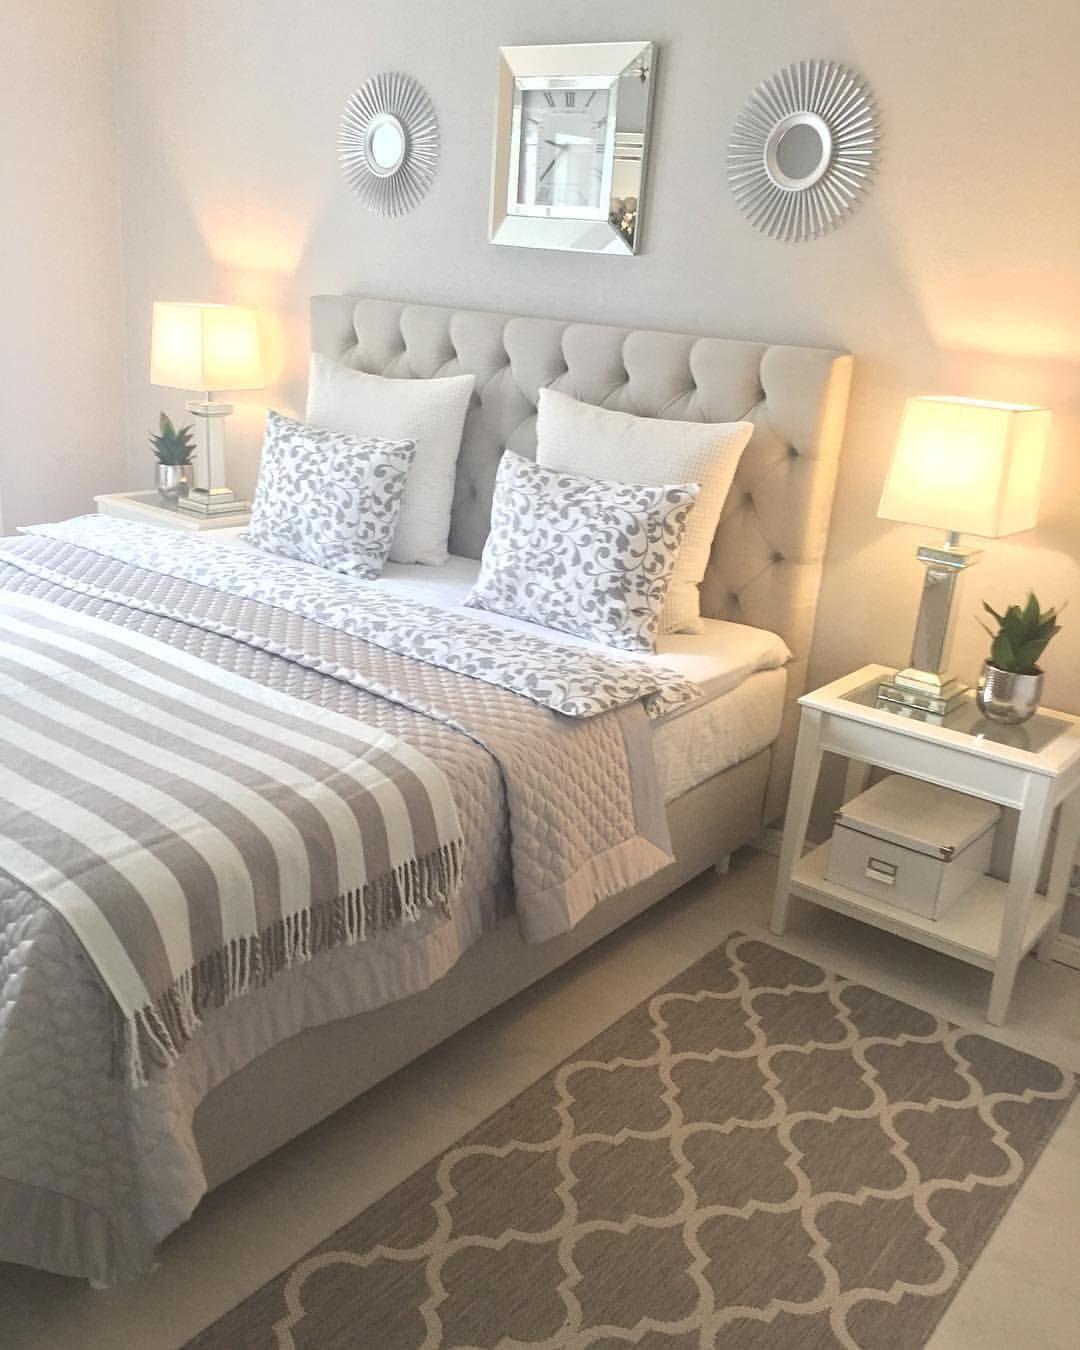 14 1 K Gilla Markeringar 57 Kommentarer Decor Interior Rooms Hem Inspiration Pa Insta Beautiful Bedroom Decor Small Master Bedroom Bedroom Decor